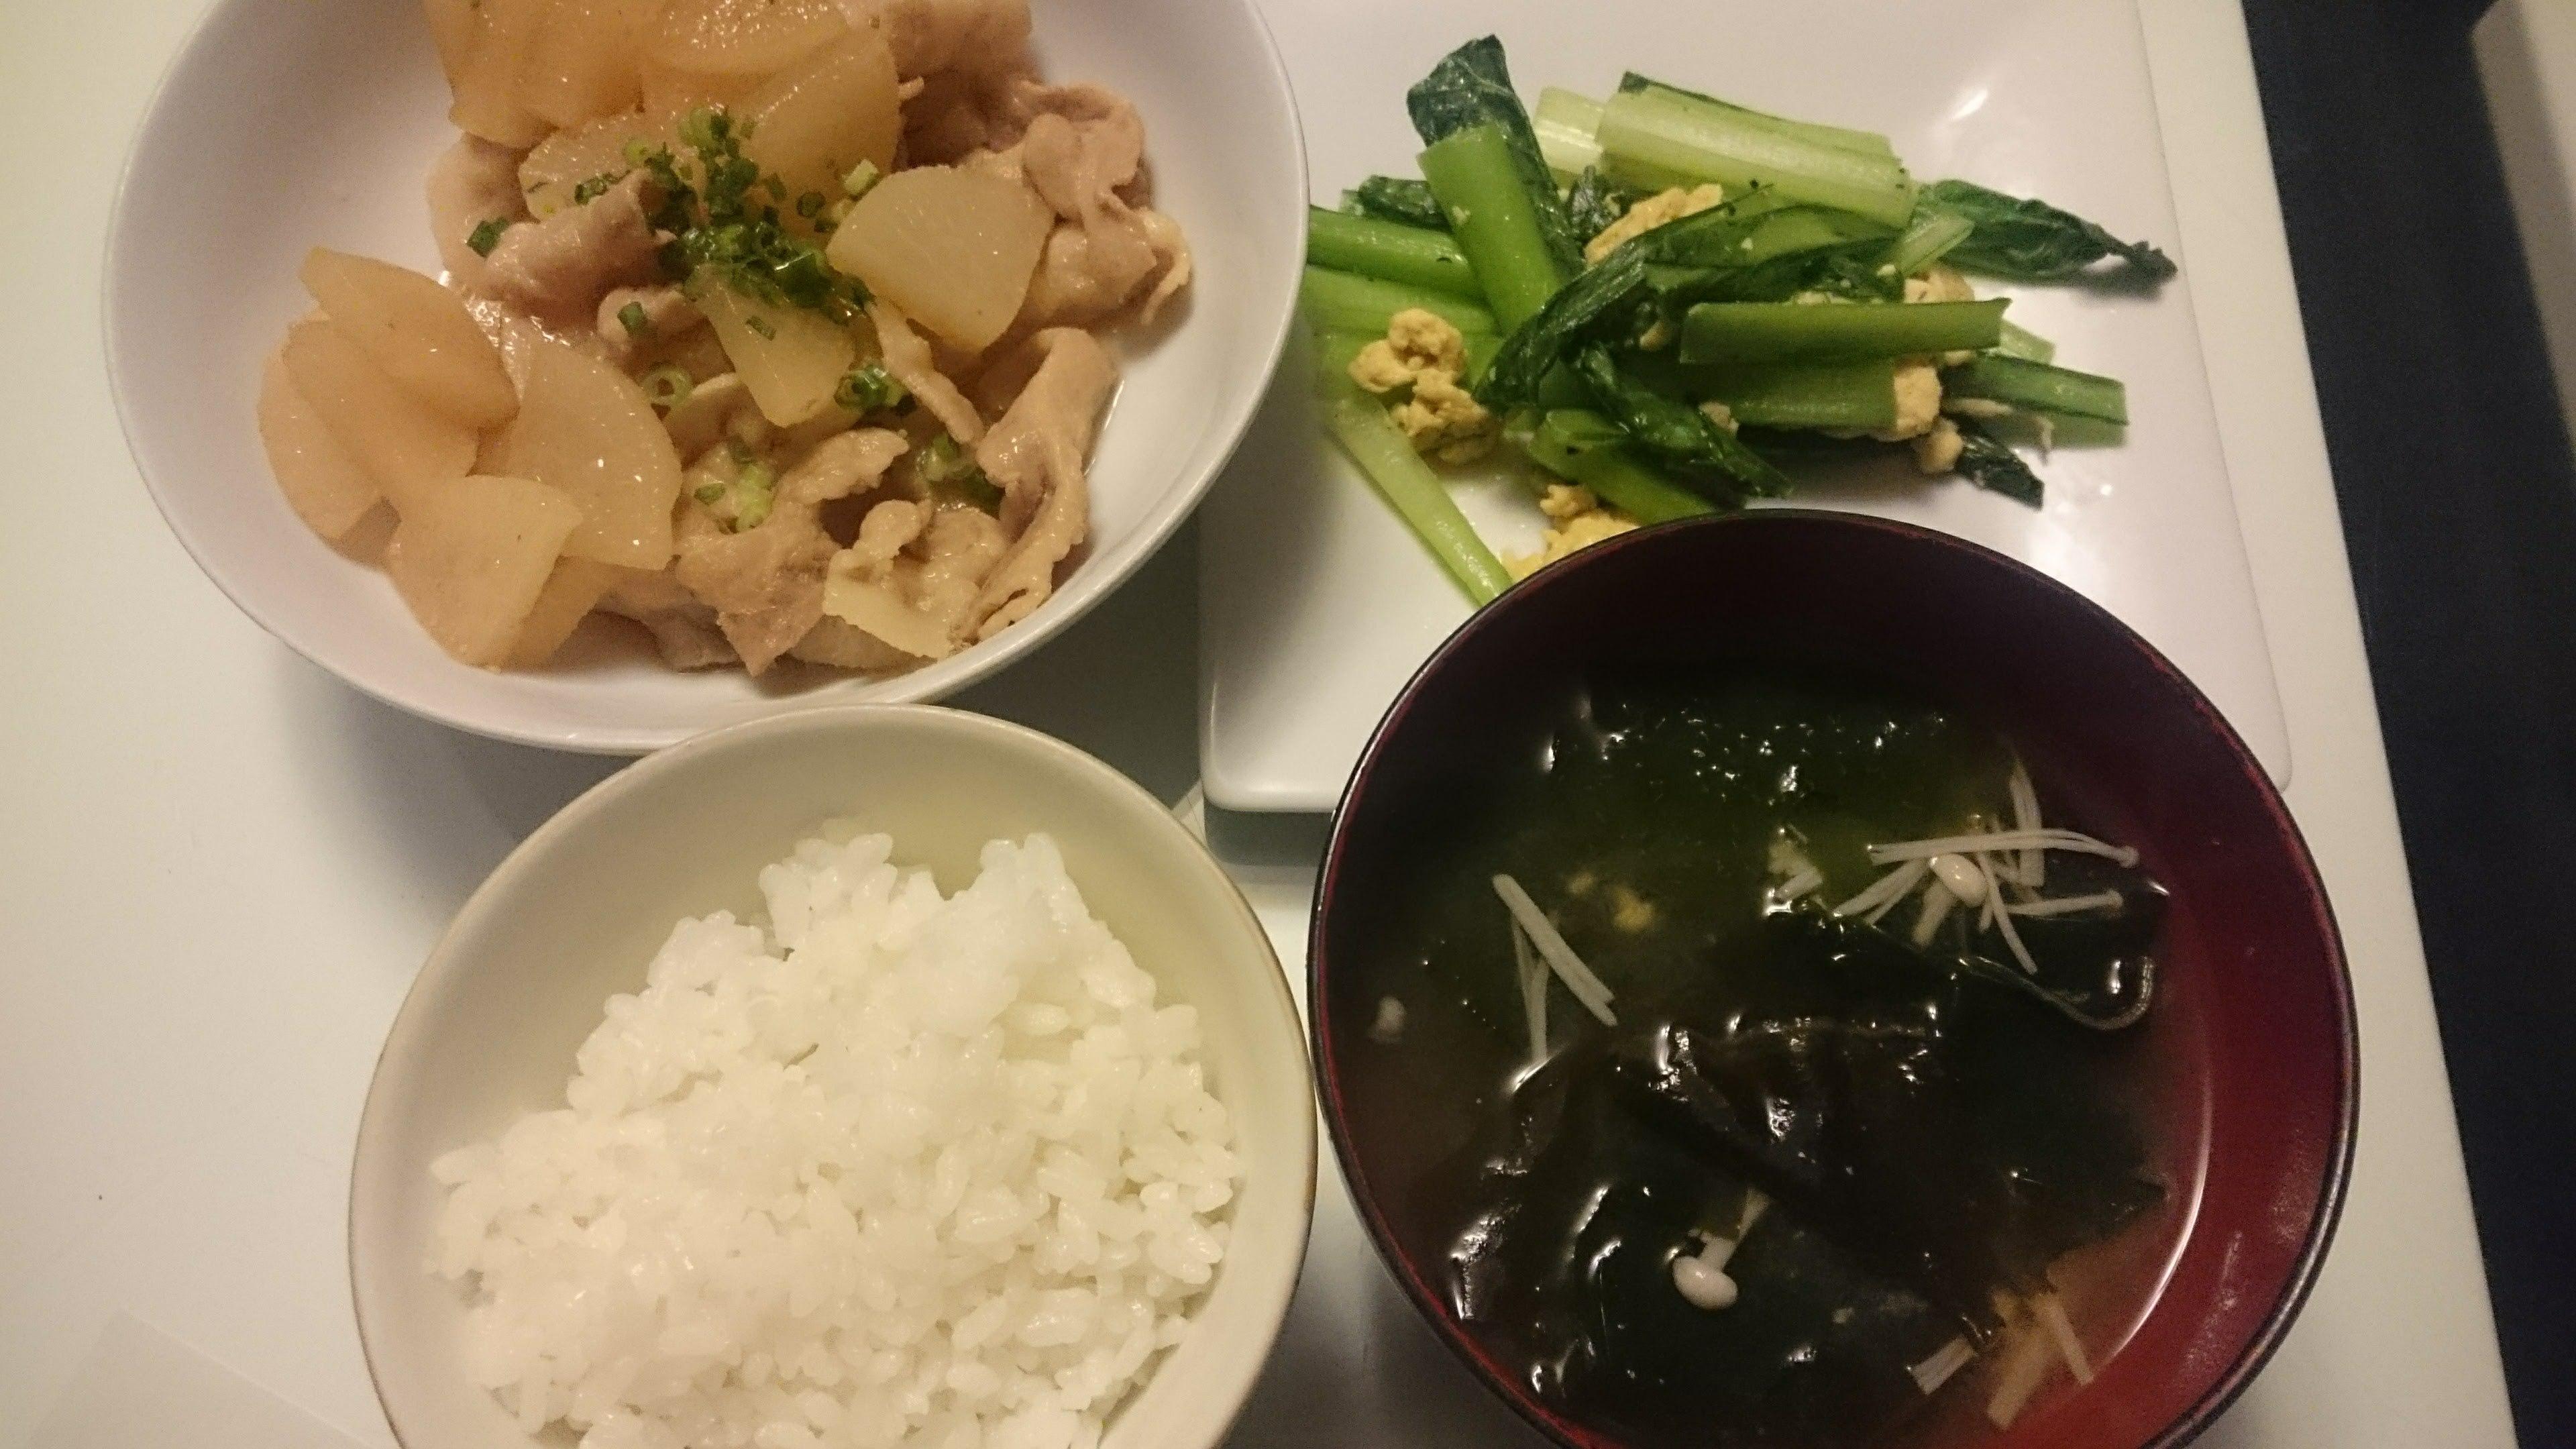 大根と豚バラ肉の炒め煮+小松菜と卵の炒めもの